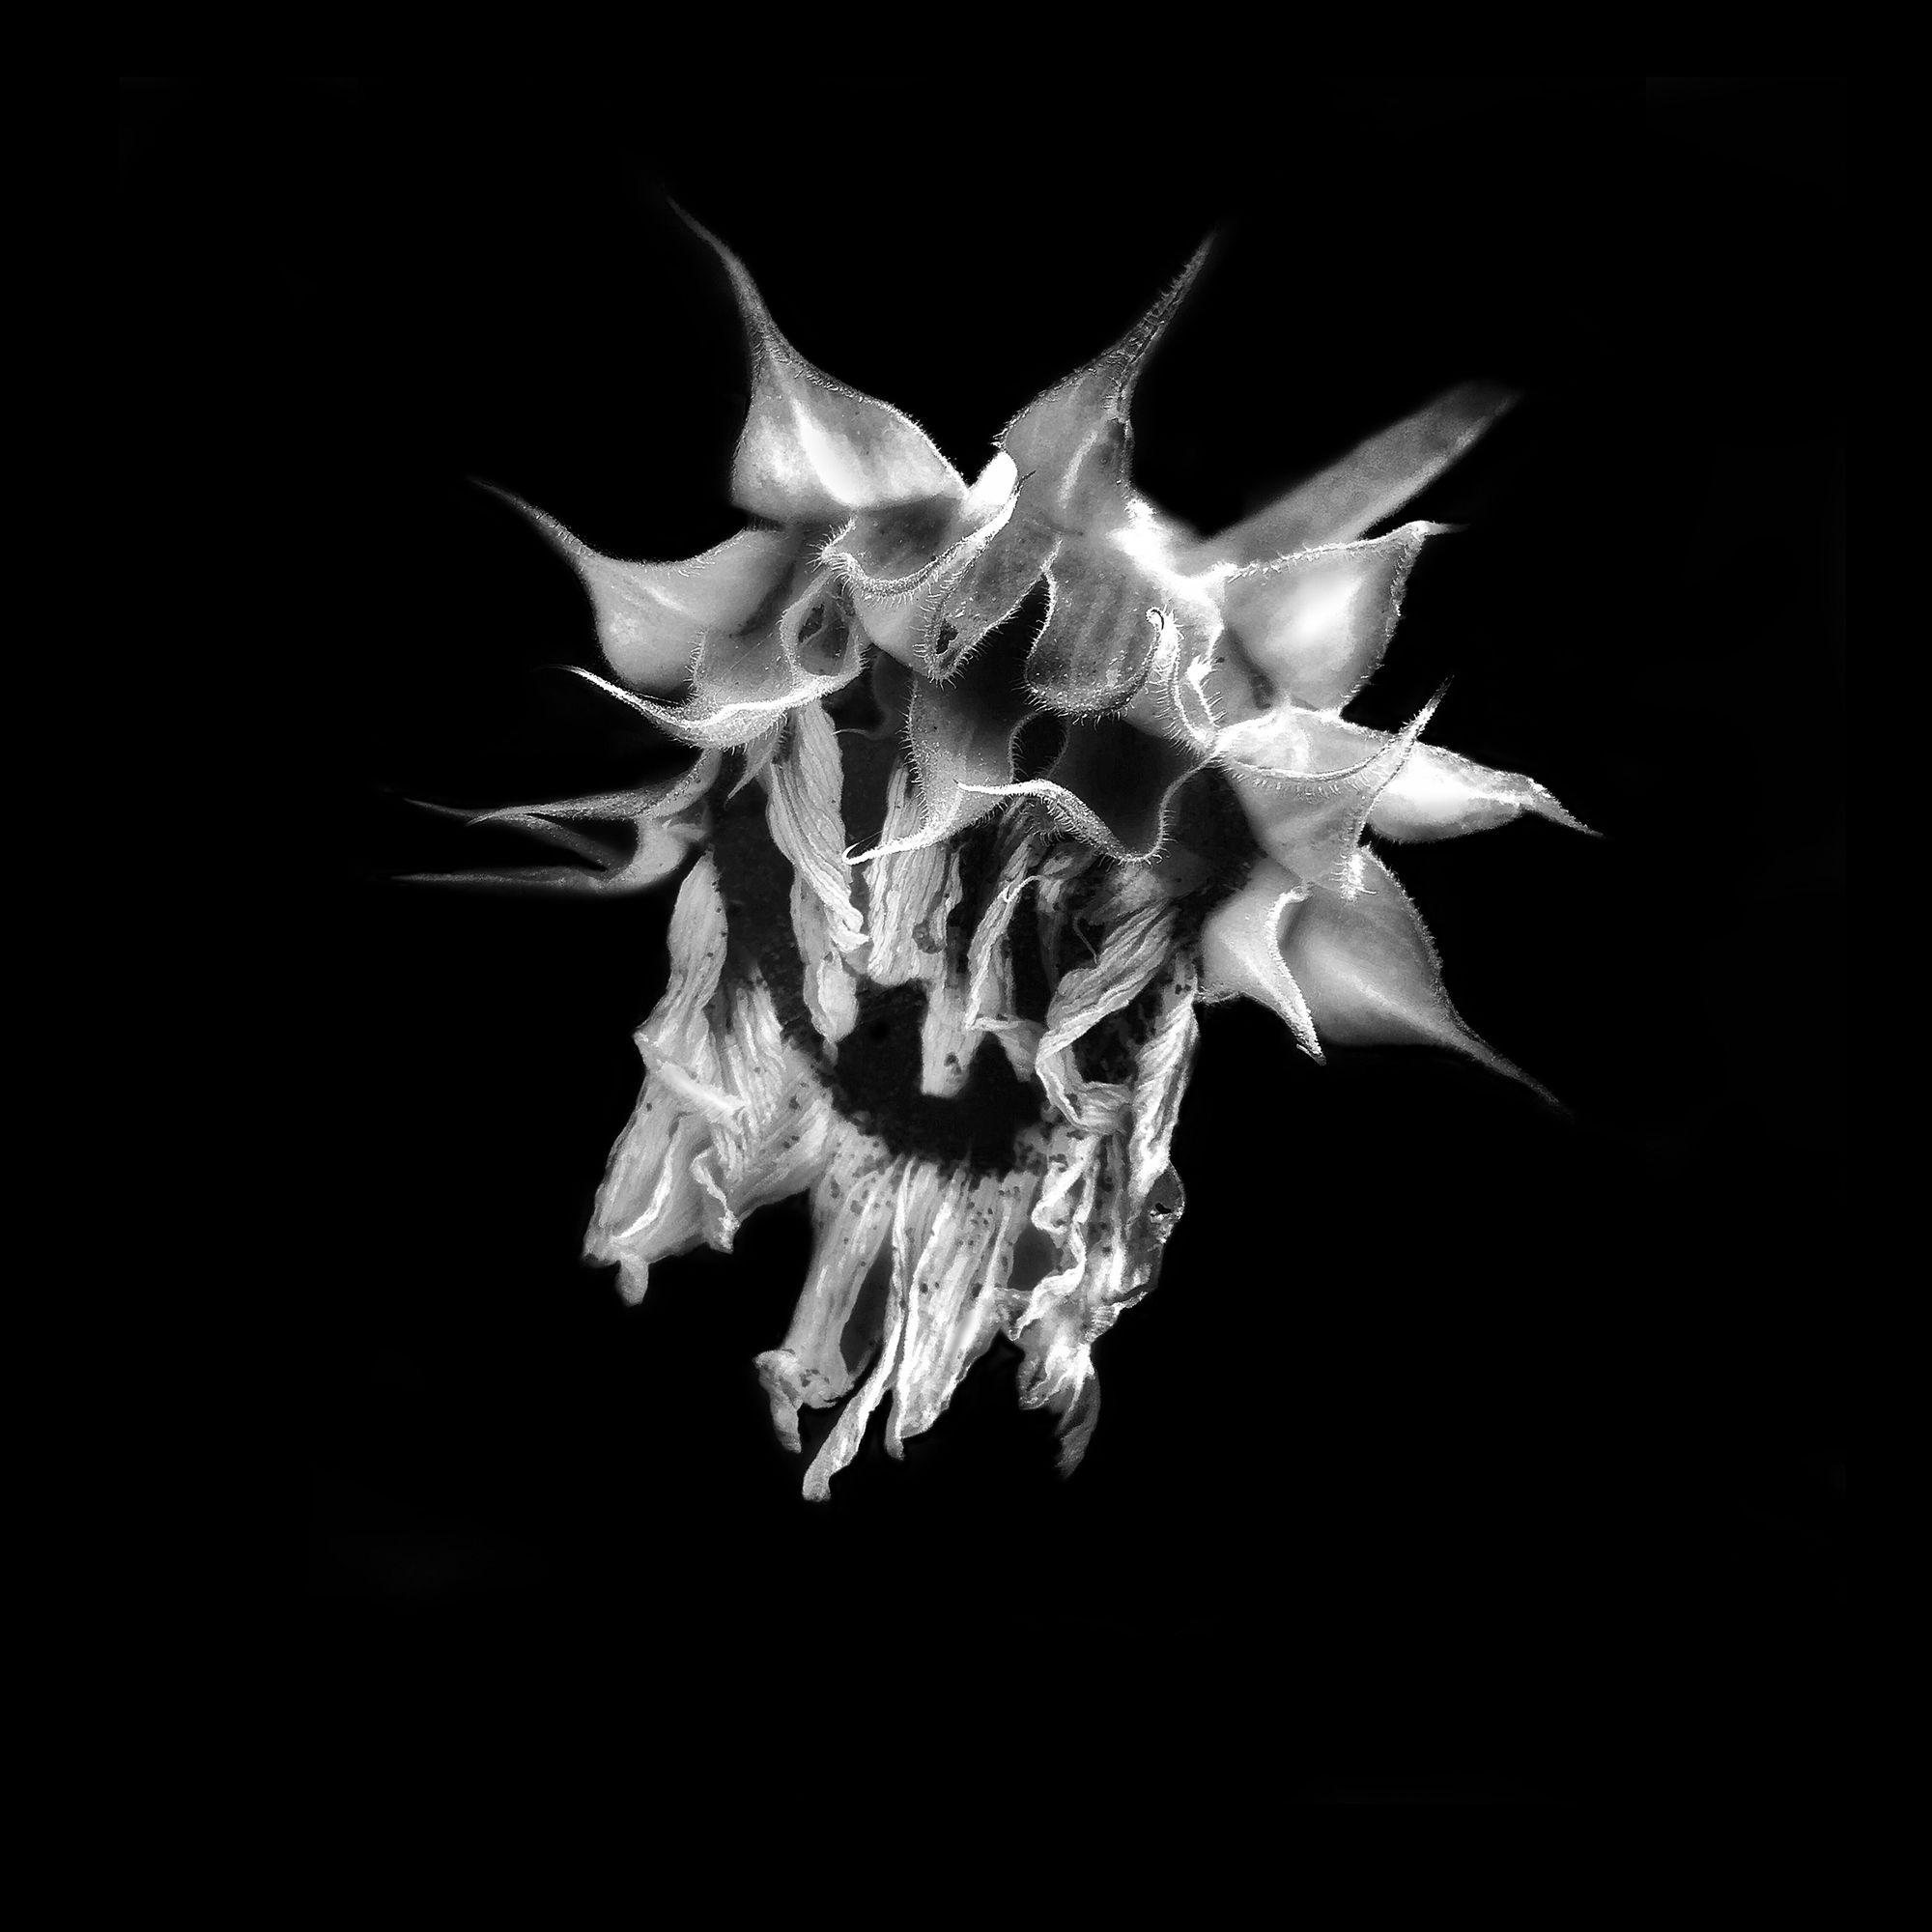 Tiny Immensity #8 - Dying Sunflower ©2017 L. Aviva Diamond